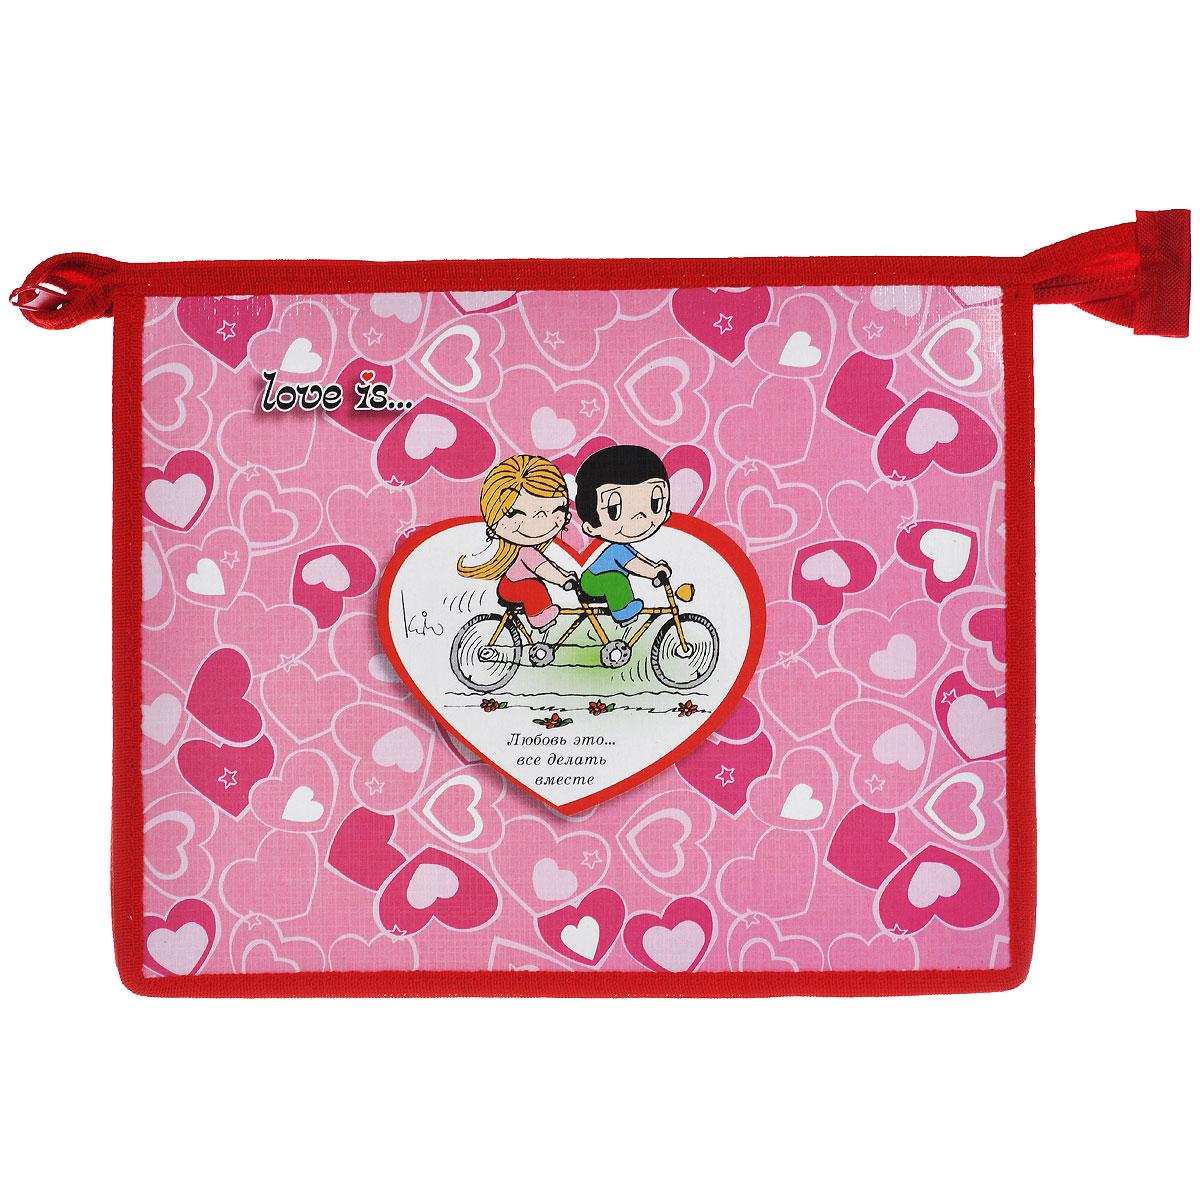 Action! Папка для тетрадей Love is цвет розовый красный C37674/LI-FZA5-1C37674/LI-FZA5-1 розовыйПапка Action! Love is предназначена для хранения тетрадей, рисунков и прочих бумаг с максимальным форматом А5. Папка выполнена из картона и ПВХ и содержит одно отделение. Закрывается она на застежку-молнию. Лицевая сторона папки оформлена изображениями двух влюбленных и надписью Любовь это... все делать вместе.С папкой Action! Love is тетради вашего ребенка всегда будут выглядеть опрятно.